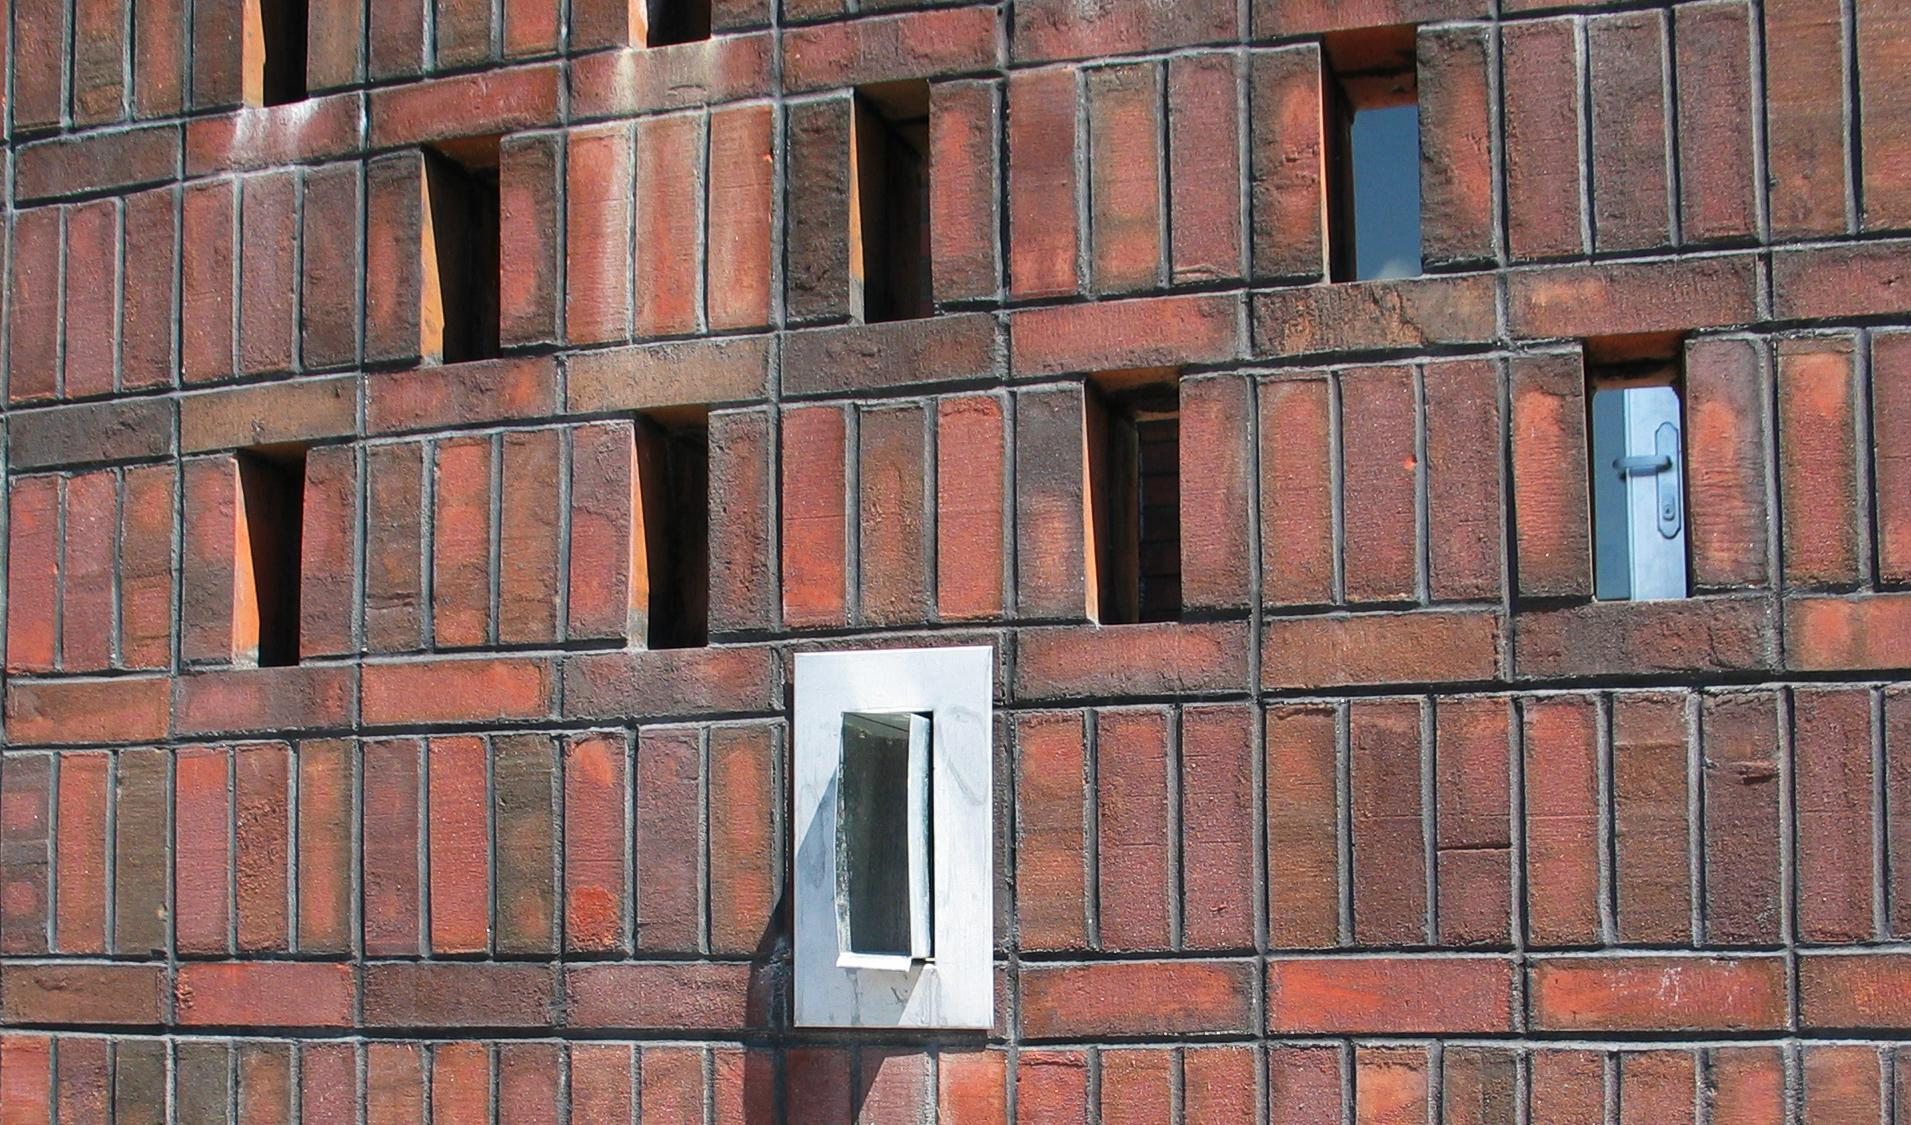 delgany_lofts_denver_brick_detail.jpg